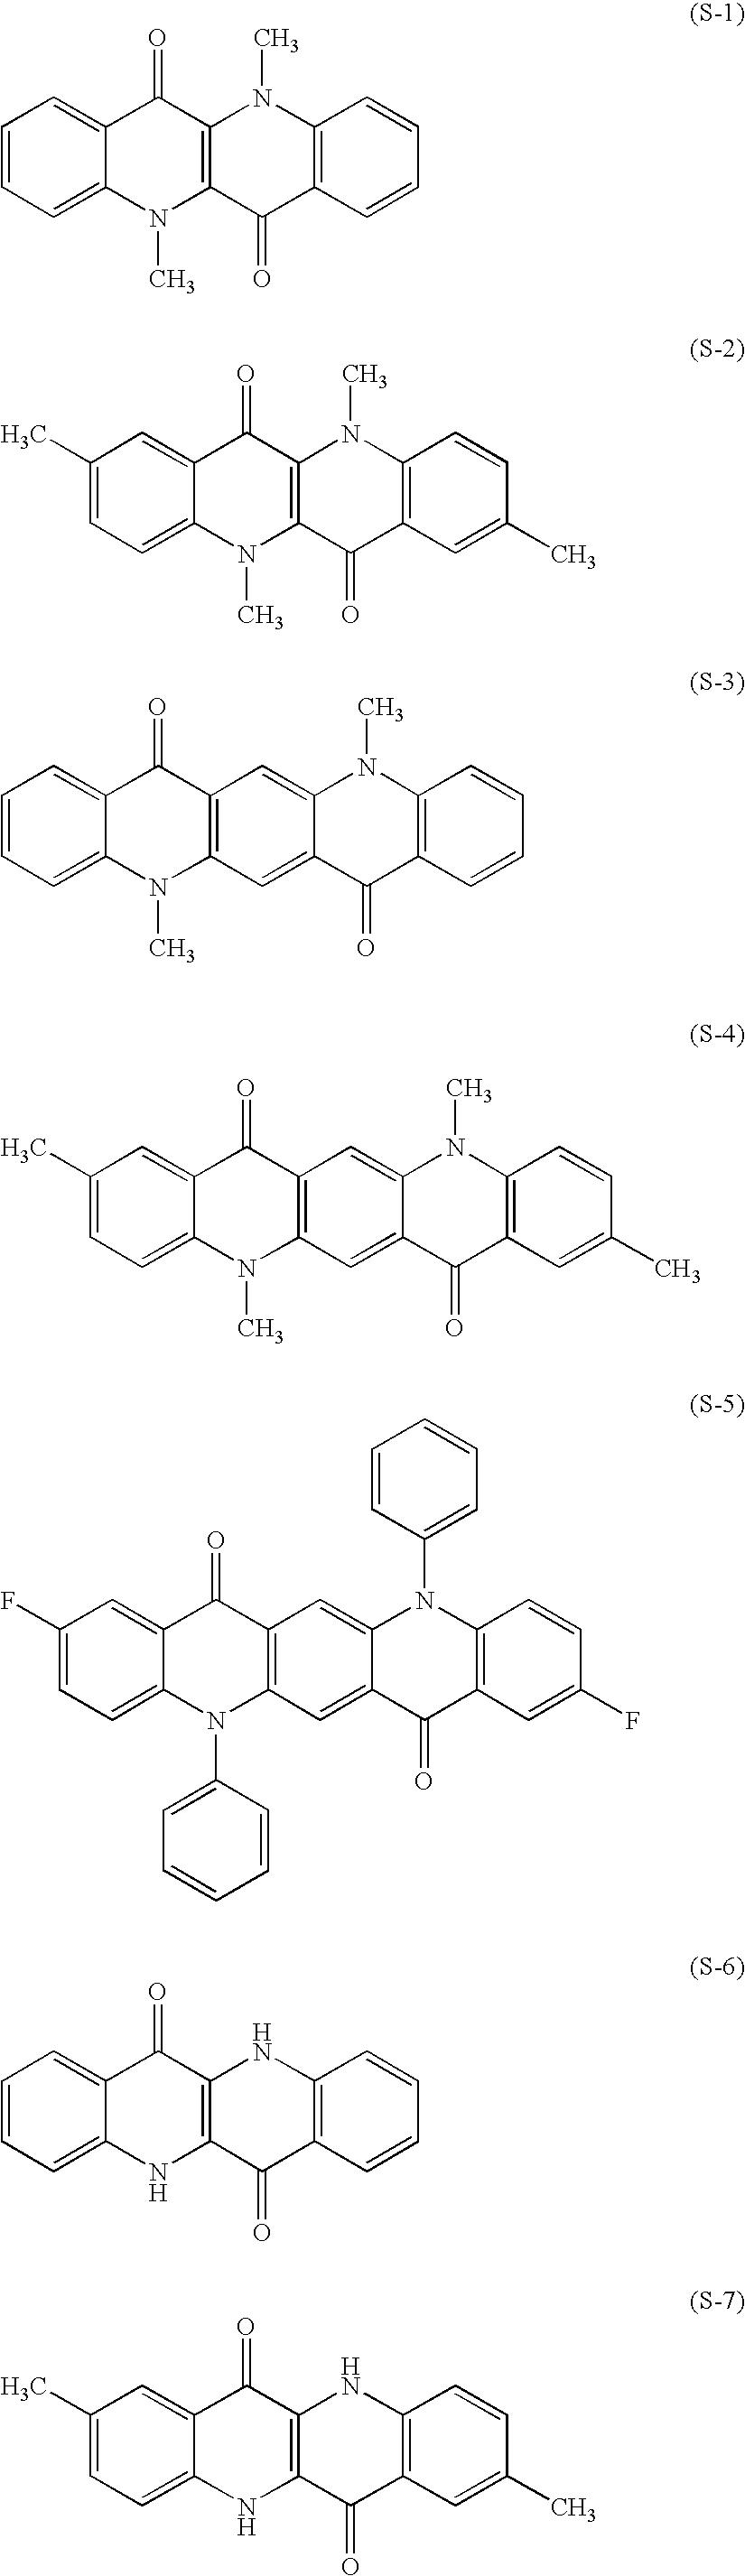 Figure US20060044561A1-20060302-C00005